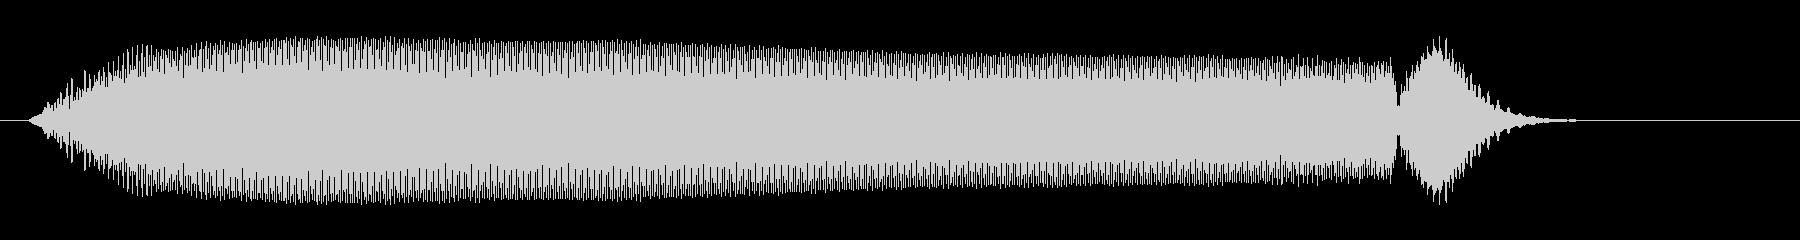 ヴー(携帯・スマホのバイブ音)の未再生の波形